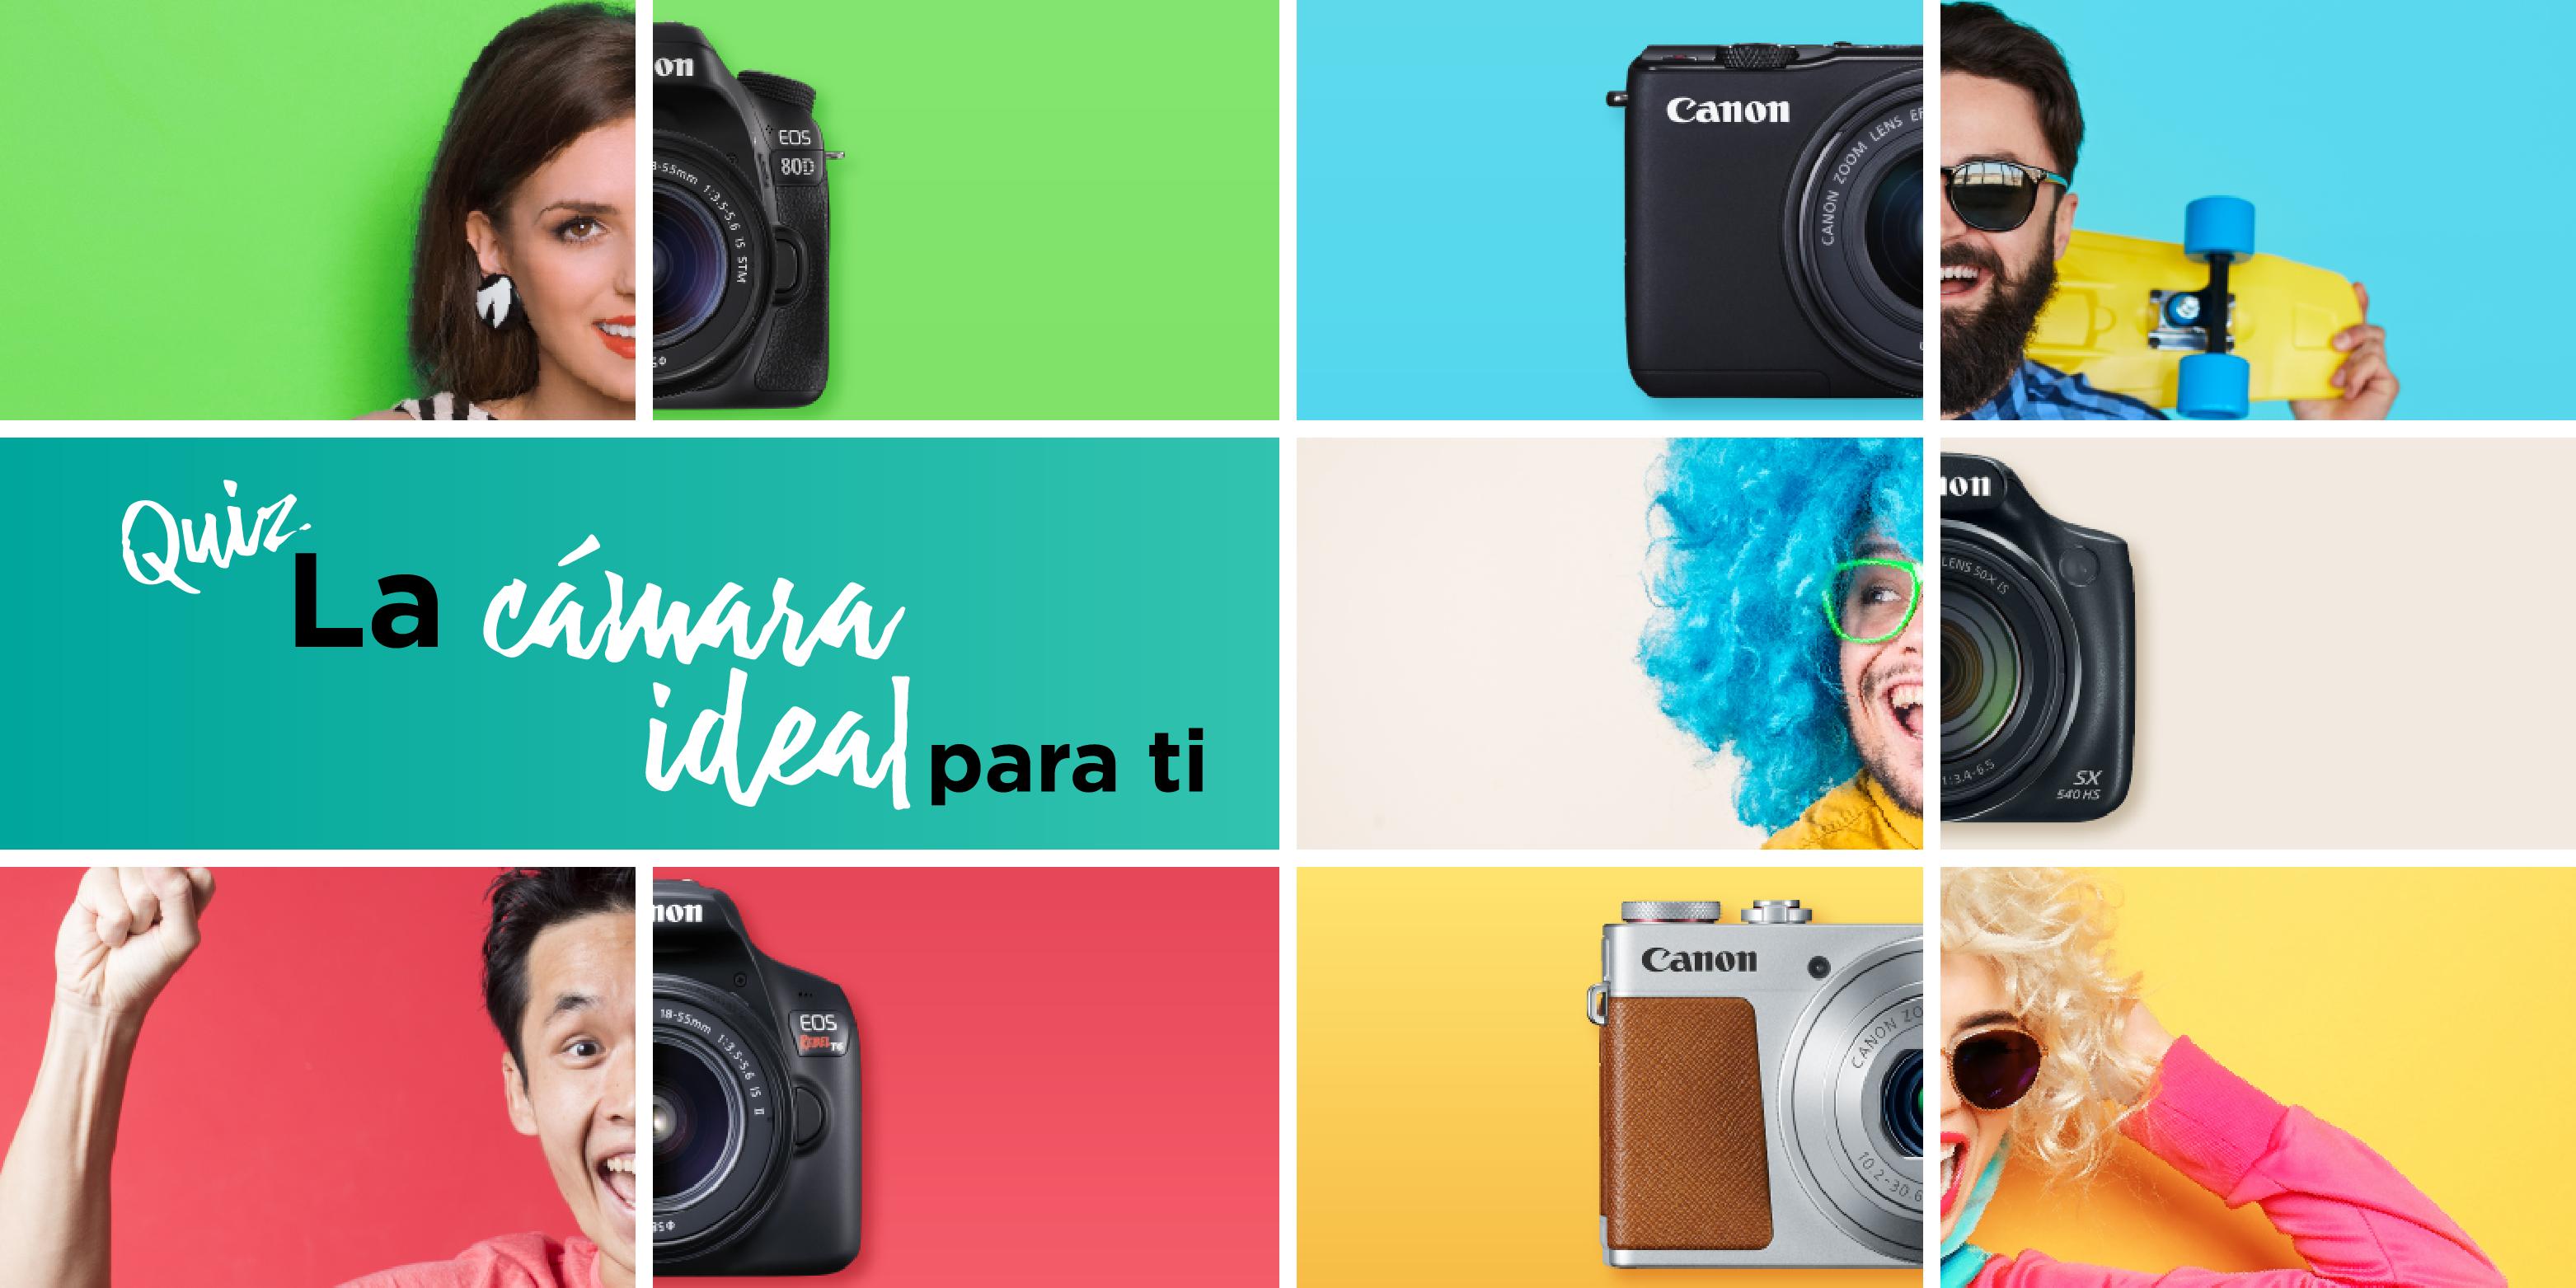 ¿Cuál es la cámara ideal para ti?